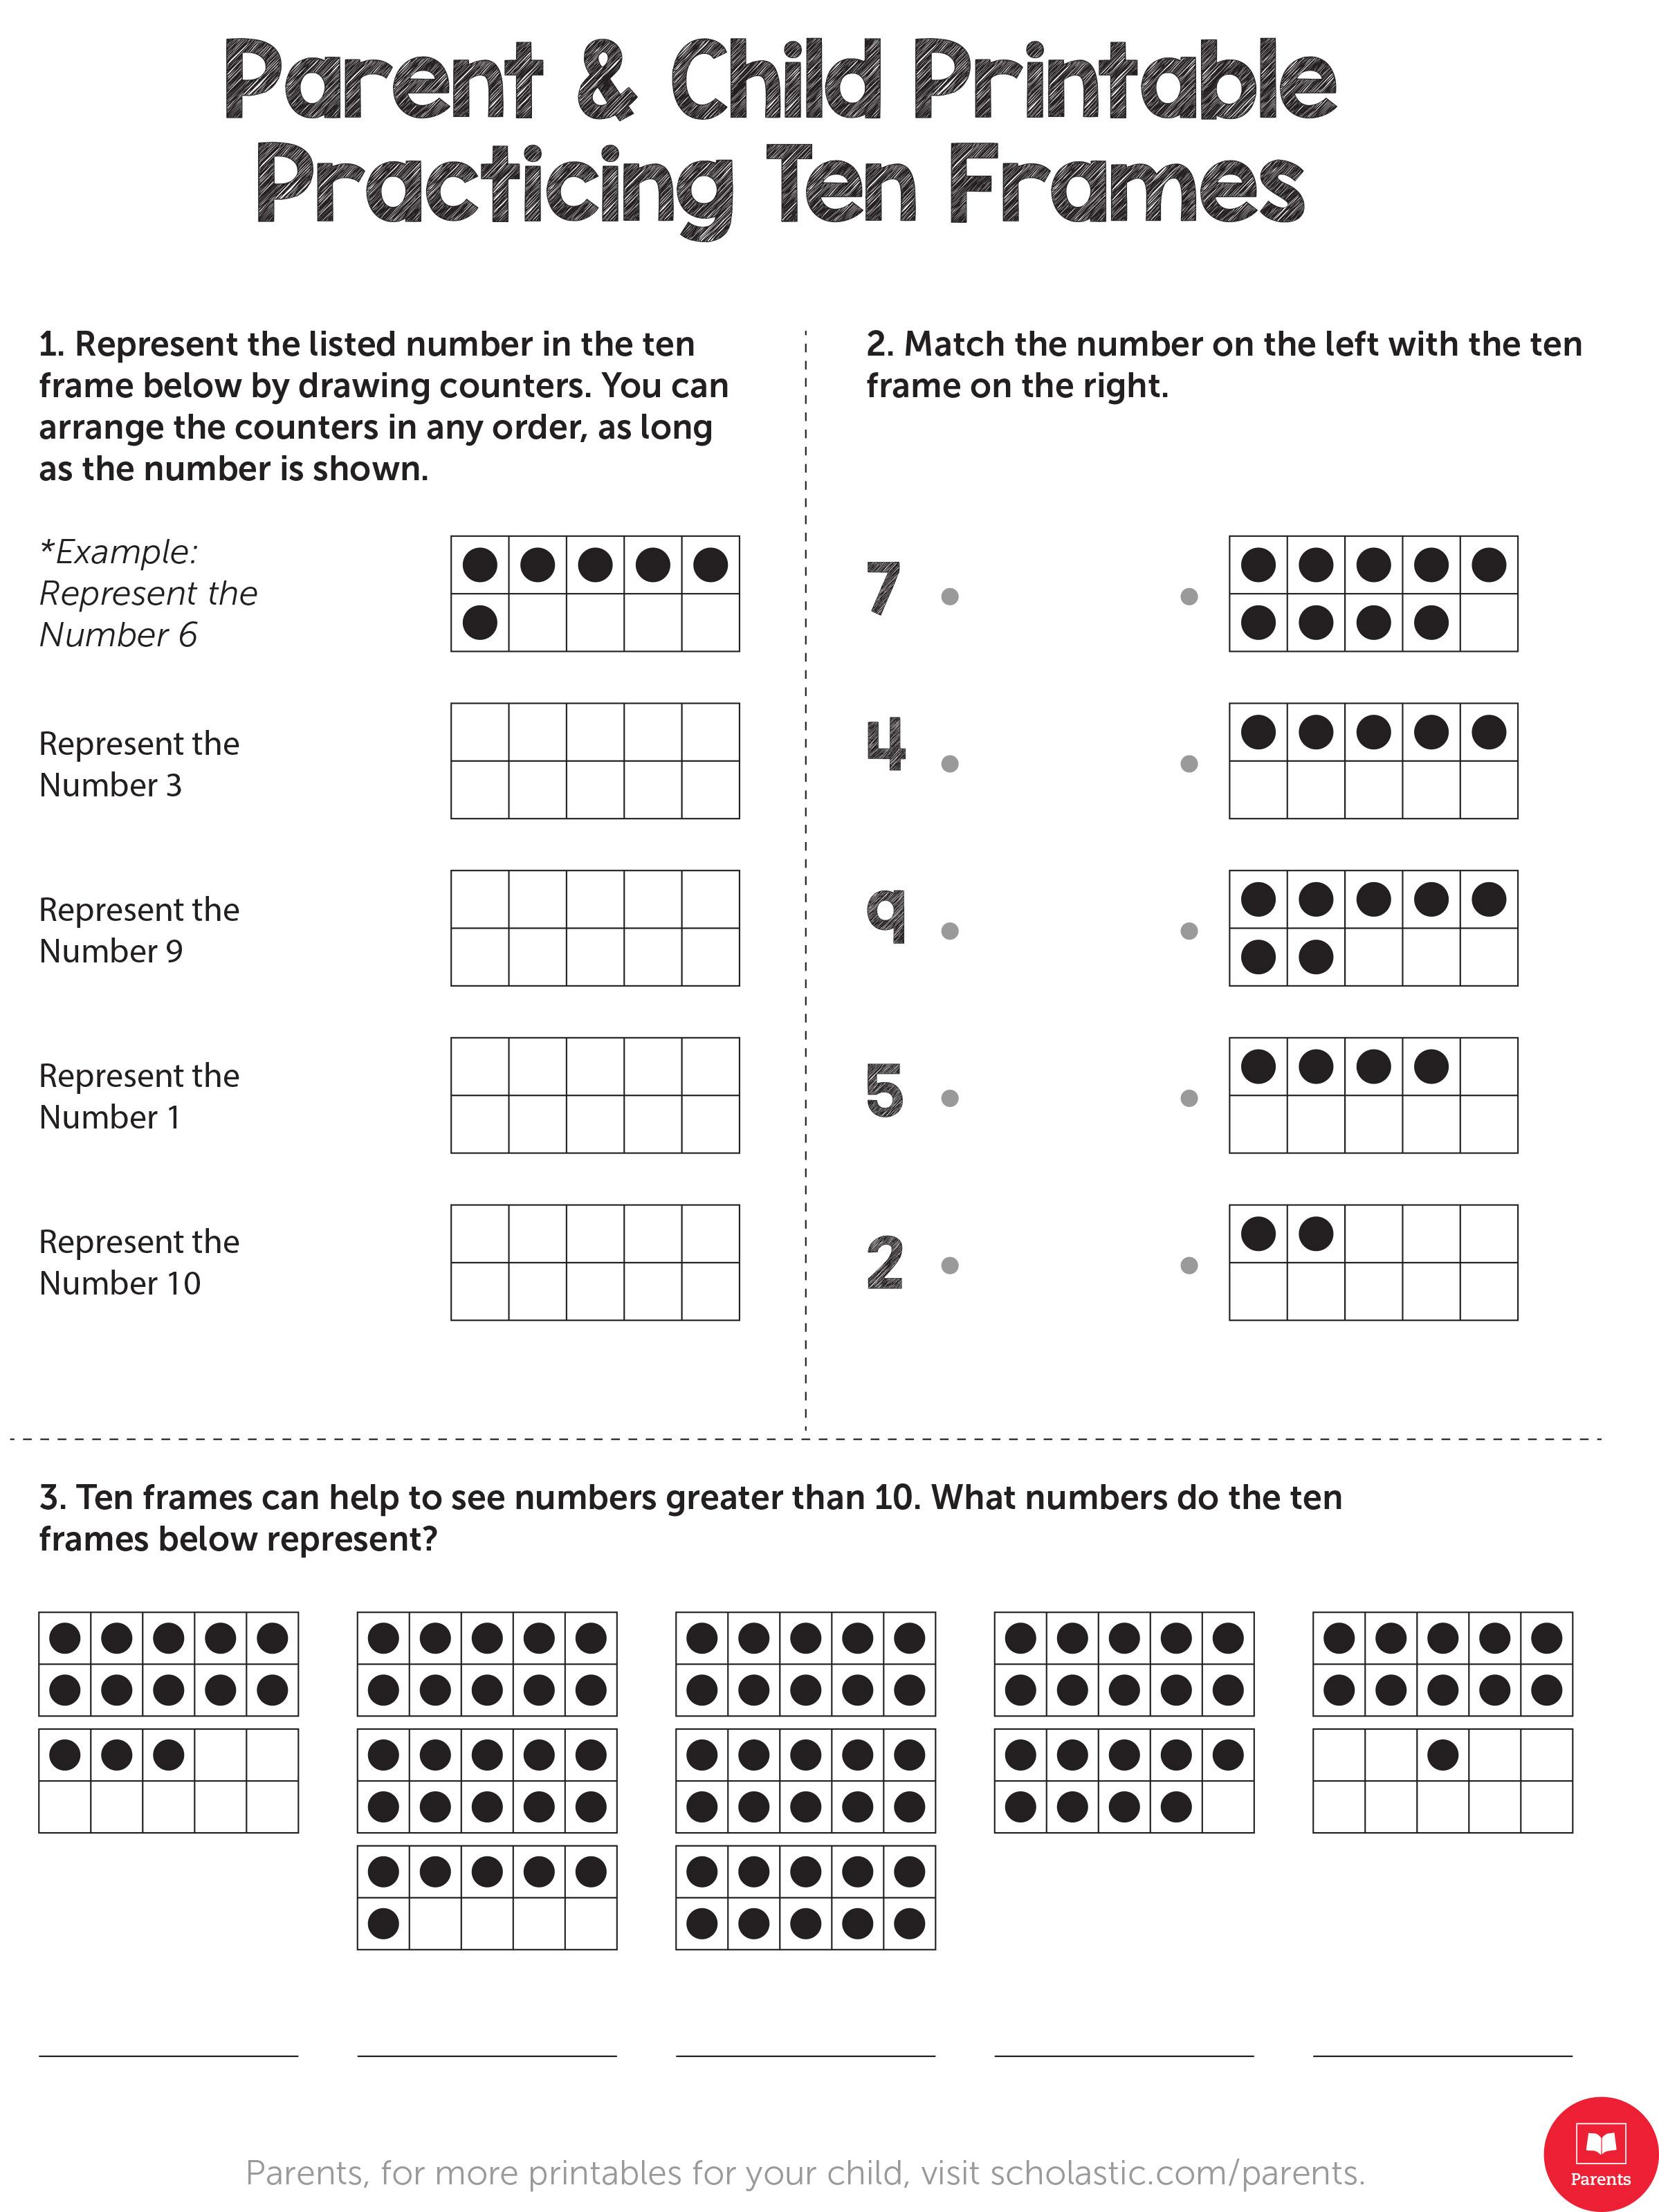 Practicing Ten Frames | Worksheets & Printables | Scholastic | Parents | Ten Frame Printable Worksheets